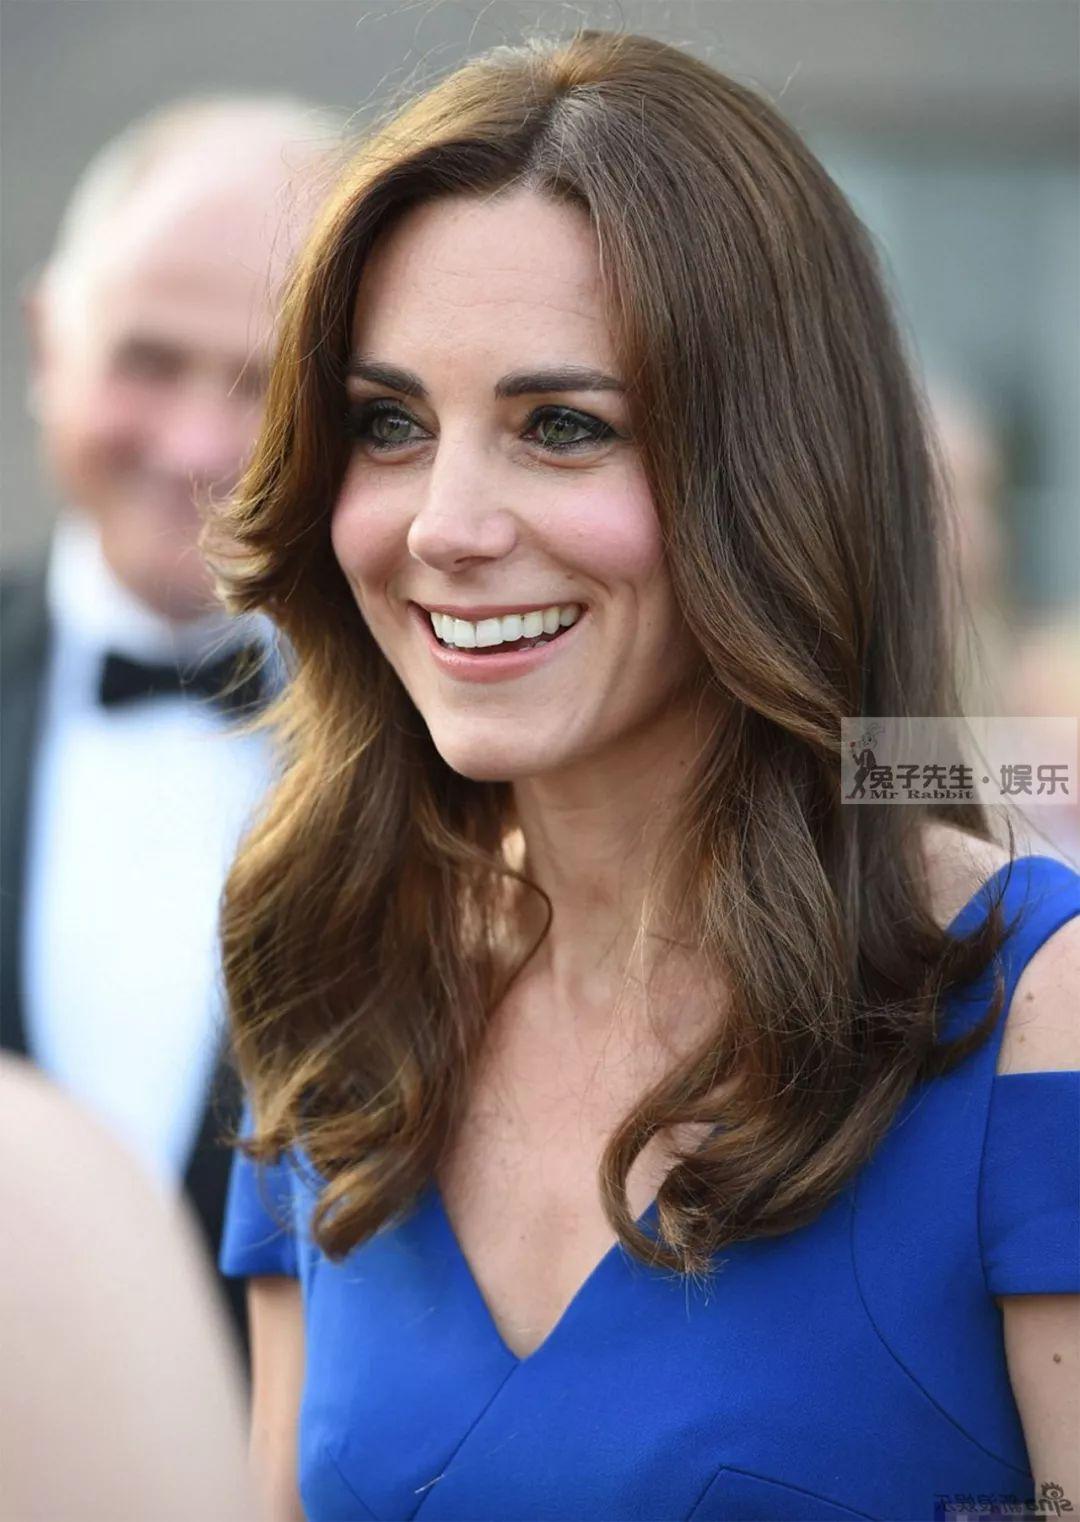 從凱特王妃看出,眉毛對一個女人的影響有多大!梅根也適用此原則